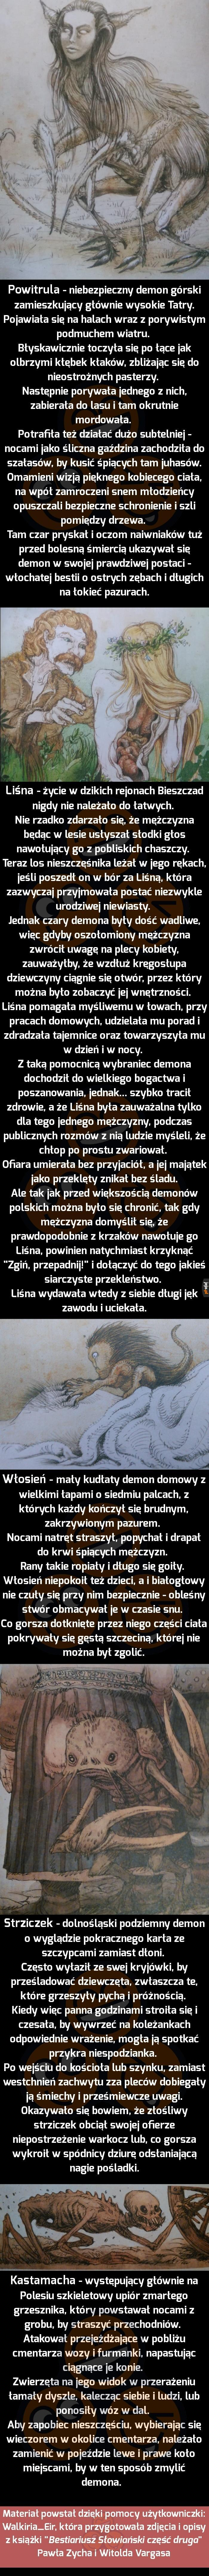 Kolejna porcja słowiańskich bestii